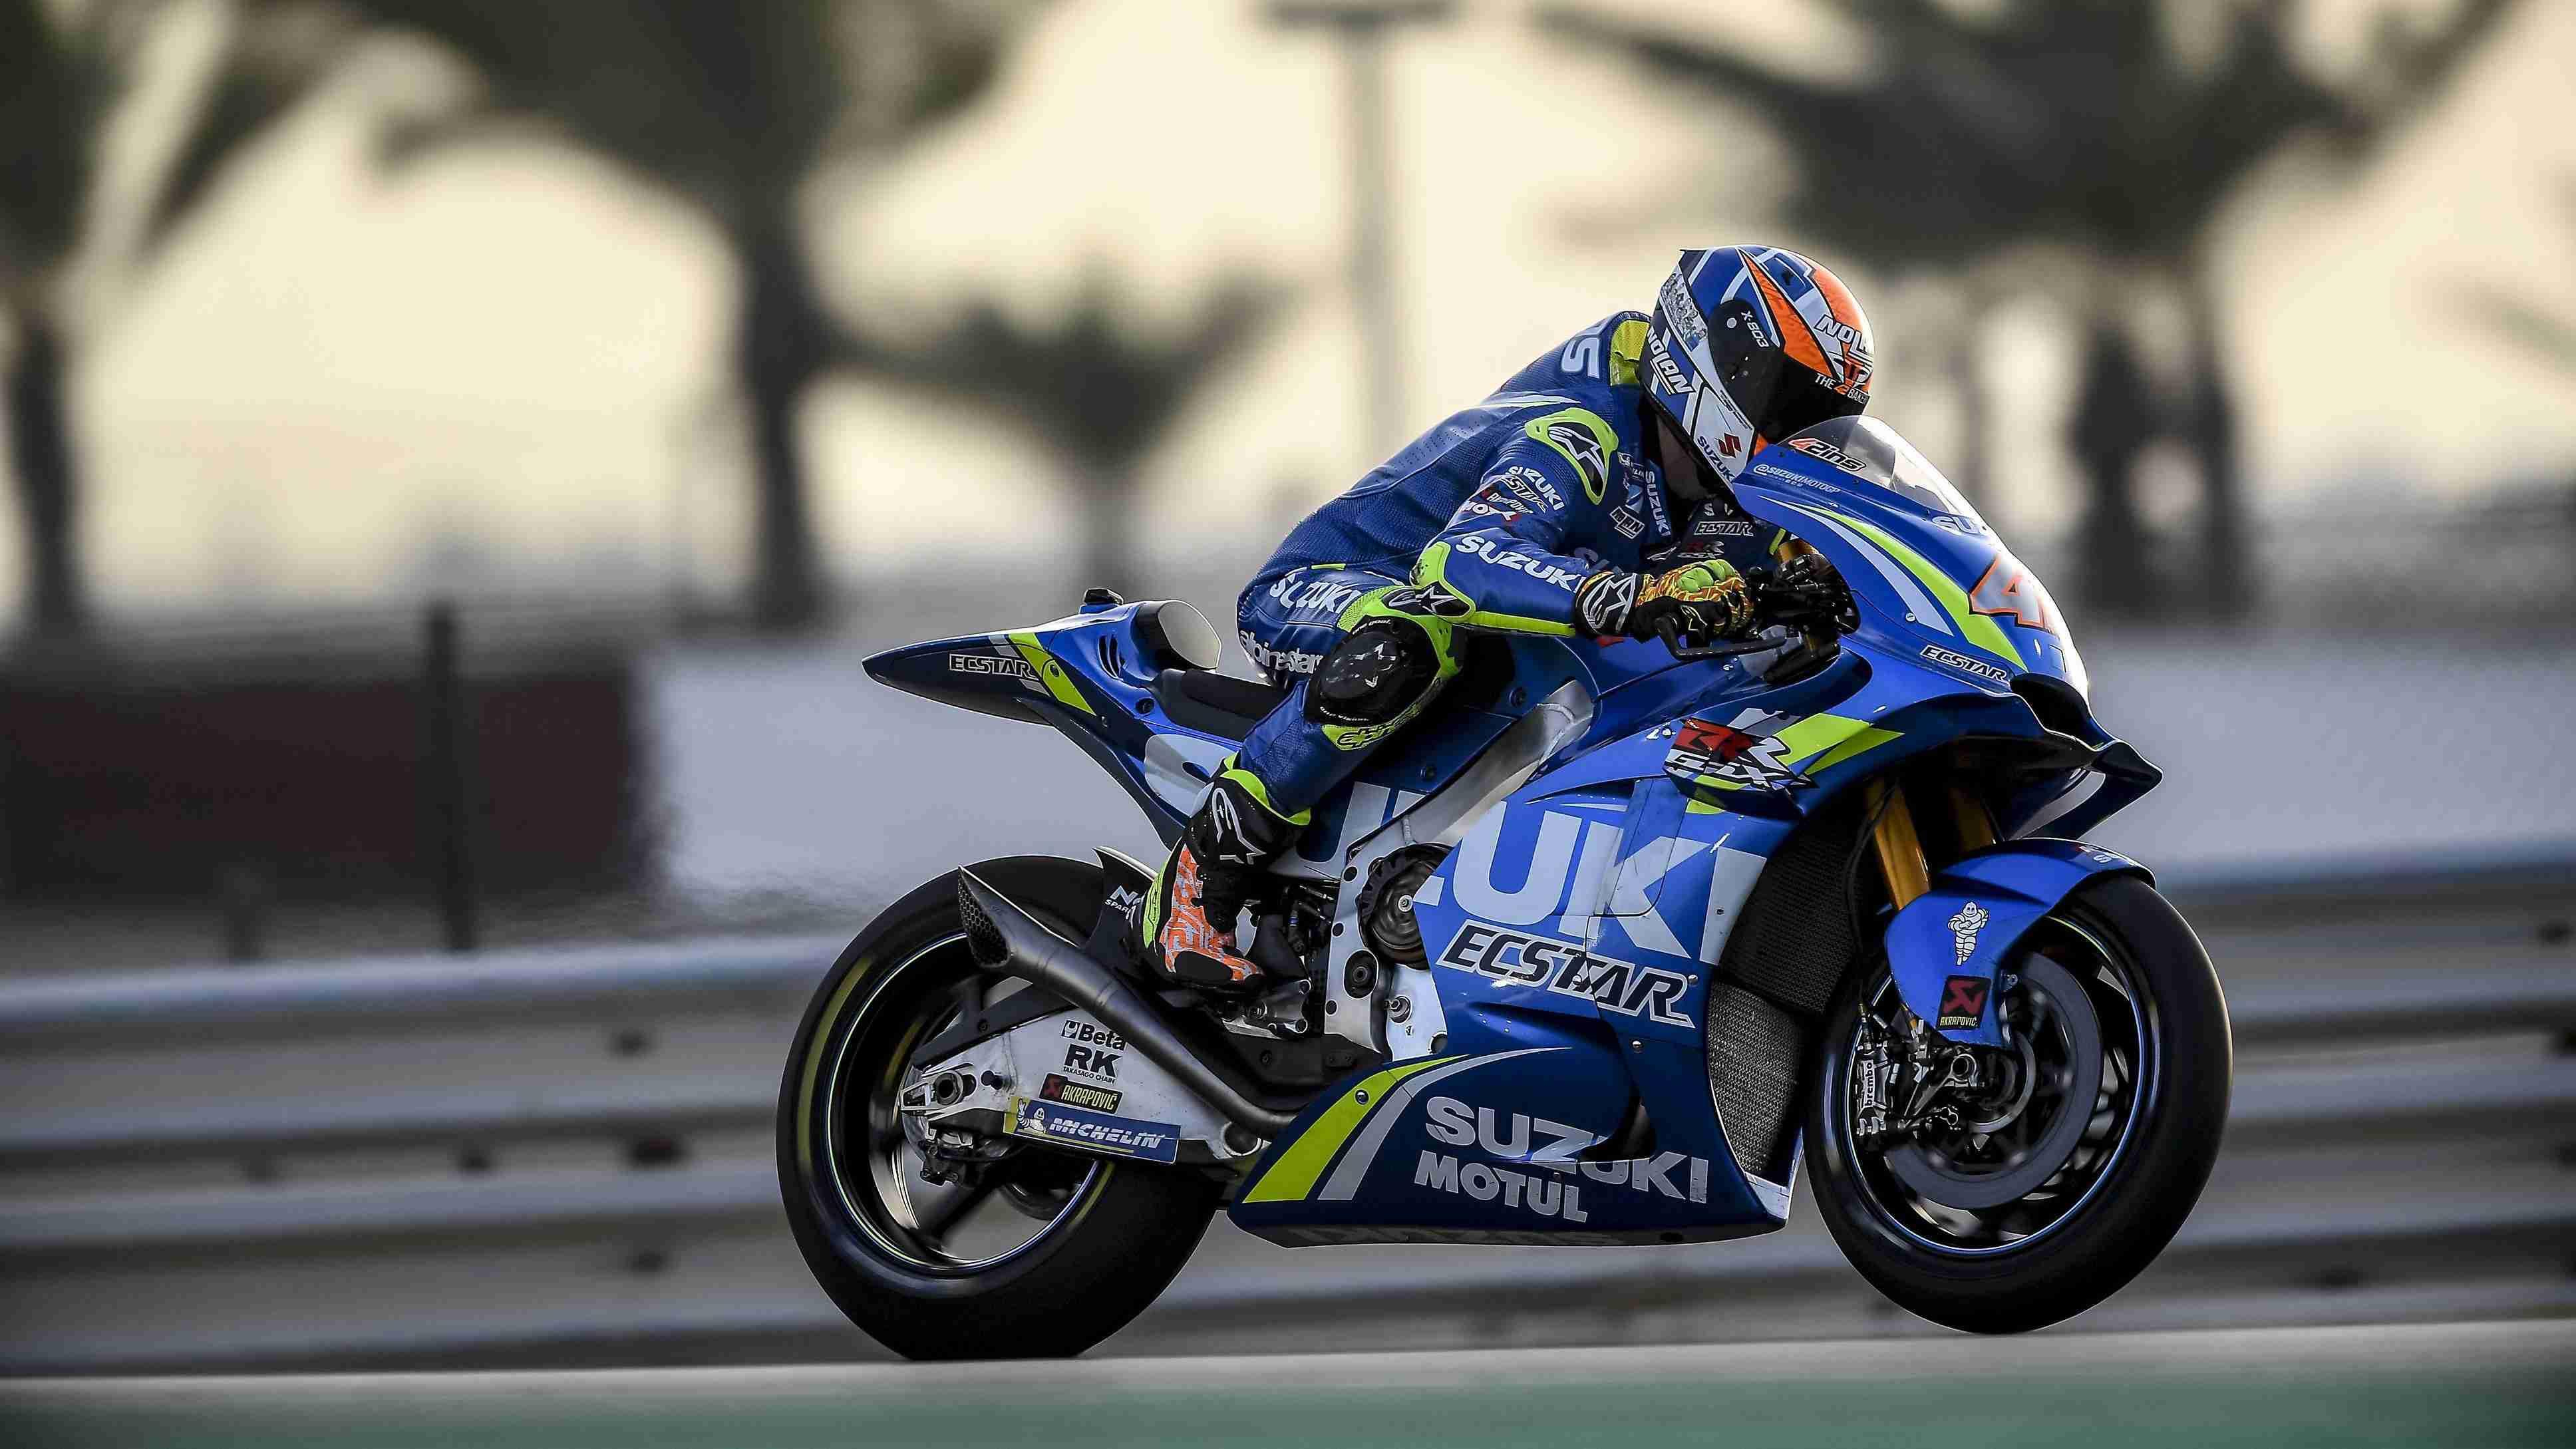 Alex Rins Suzuki Qatar MotoGP test